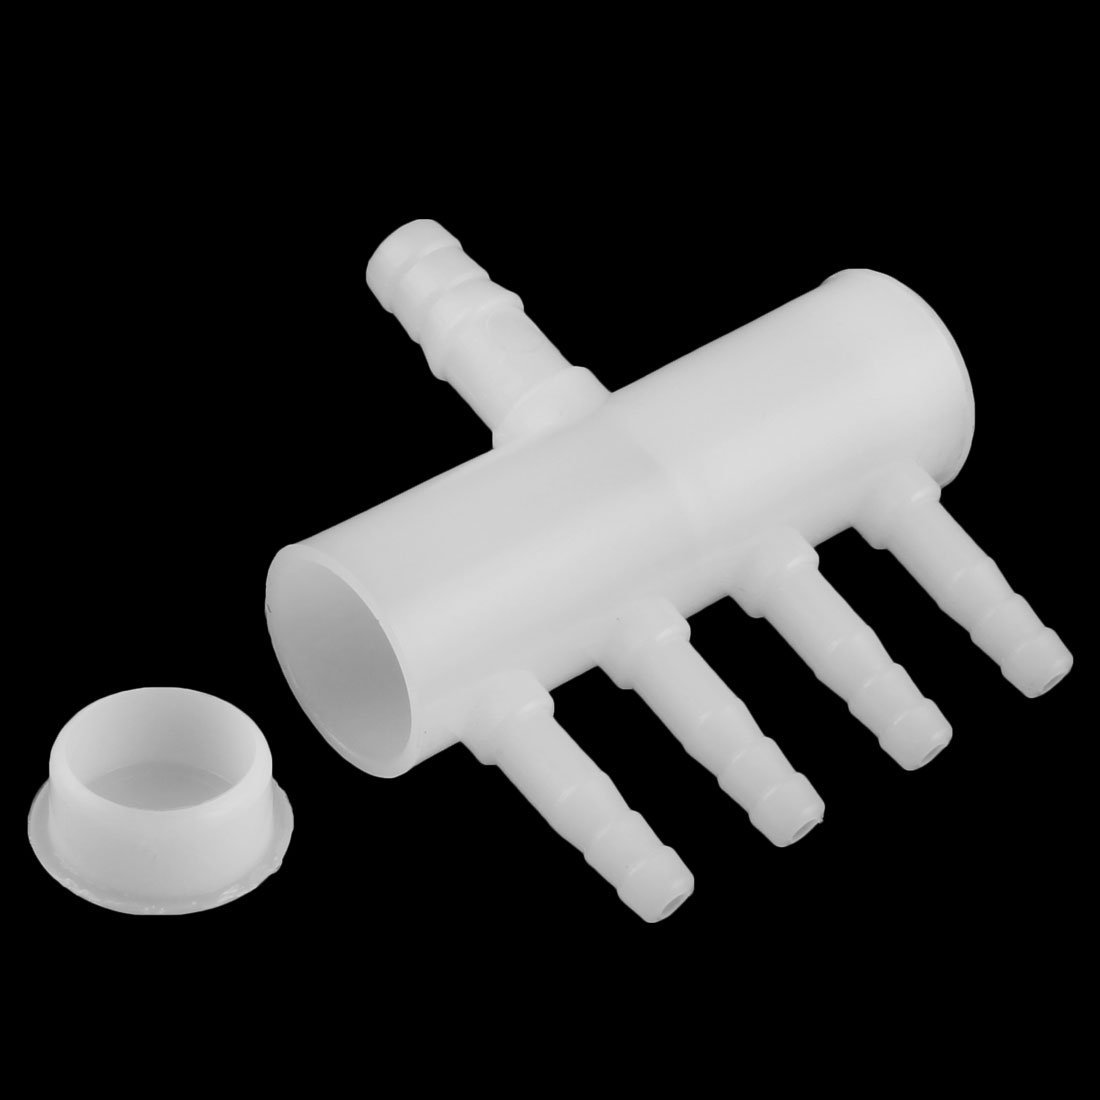 Amazon.com : eDealMax Blanca acuario de plástico 4 Tomas de oxígeno controlador de flujo Distribuidor palanca de la válvula 5pcs : Pet Supplies